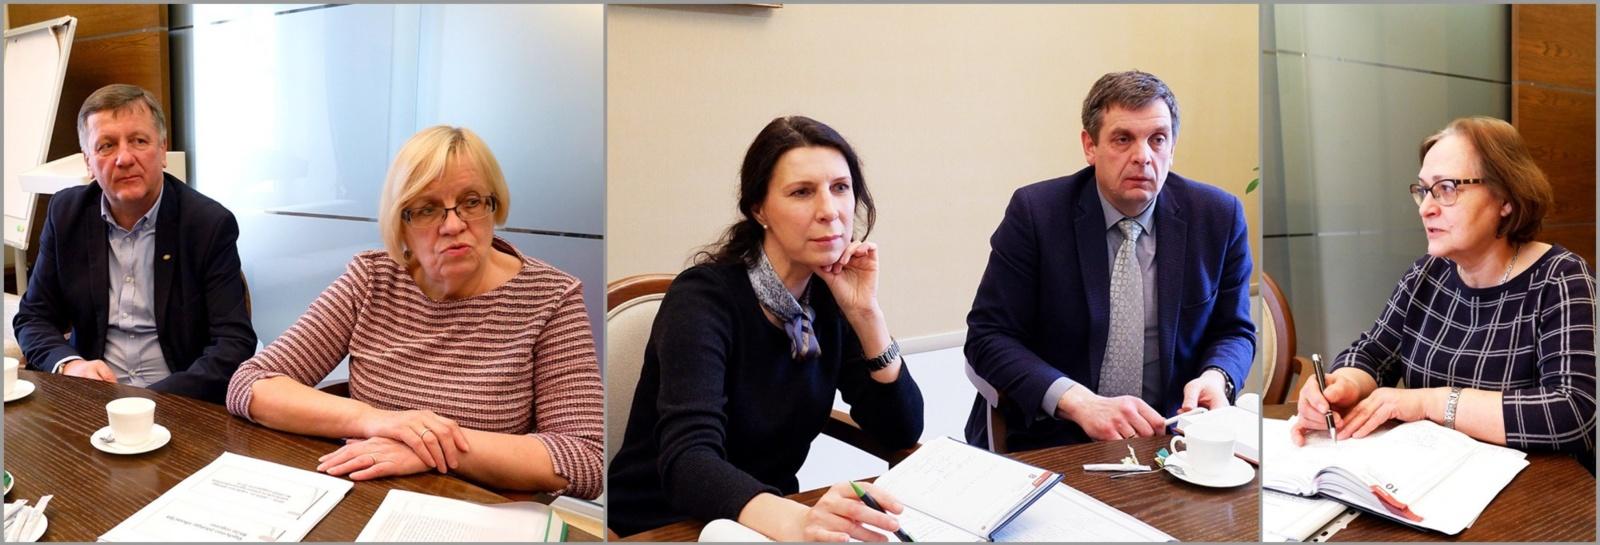 Ministerijos specialistai biržiečius ragina imtis ryžtingesnės mokyklų tinklų pertvarkos